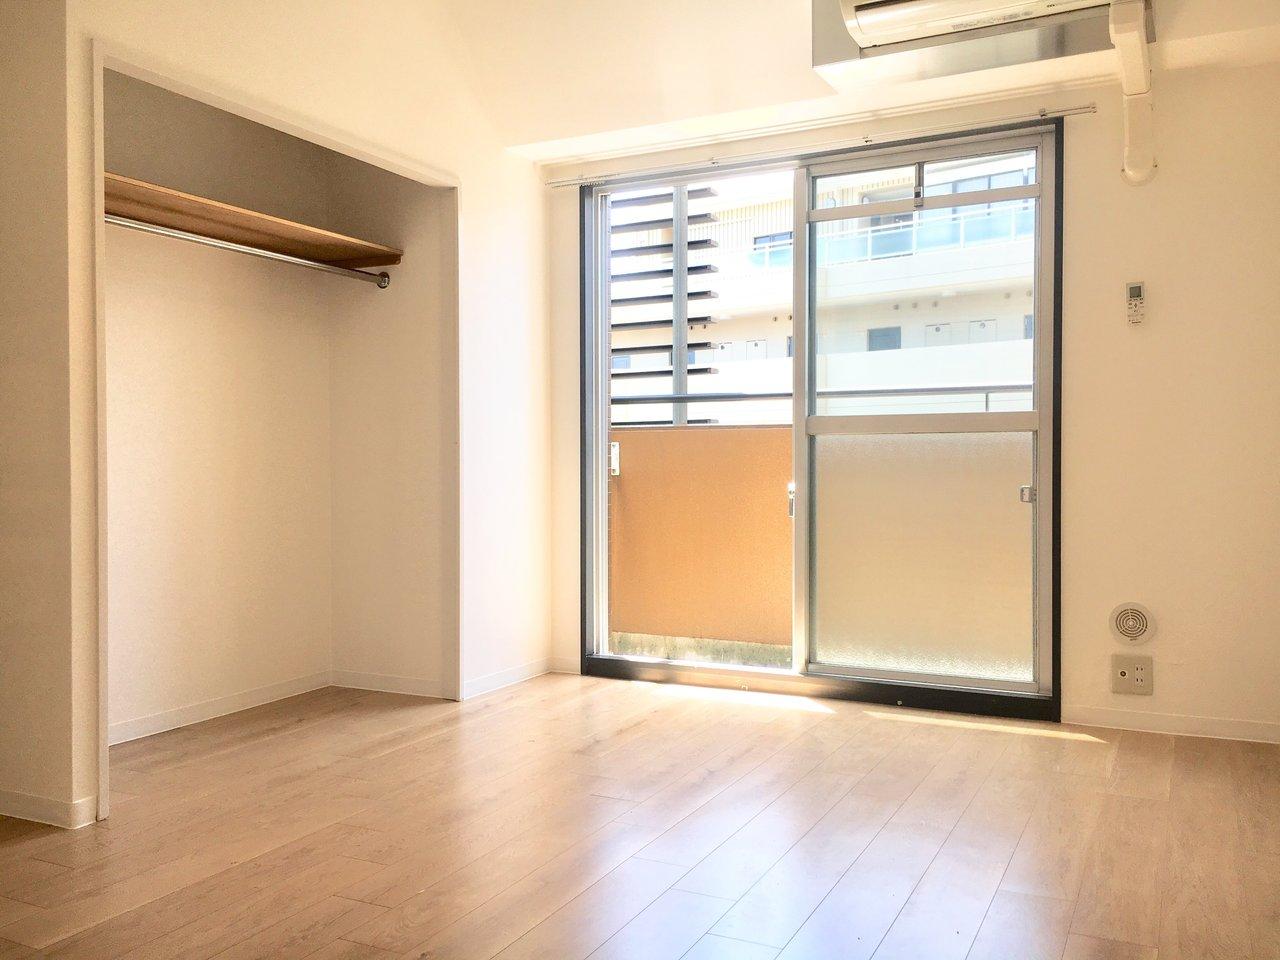 白と茶を中心としたリビングには、明るい陽射しが入り込みます。収納スペースはオープンタイプ。横幅があるので一人暮らしの荷物は十分入りそう。